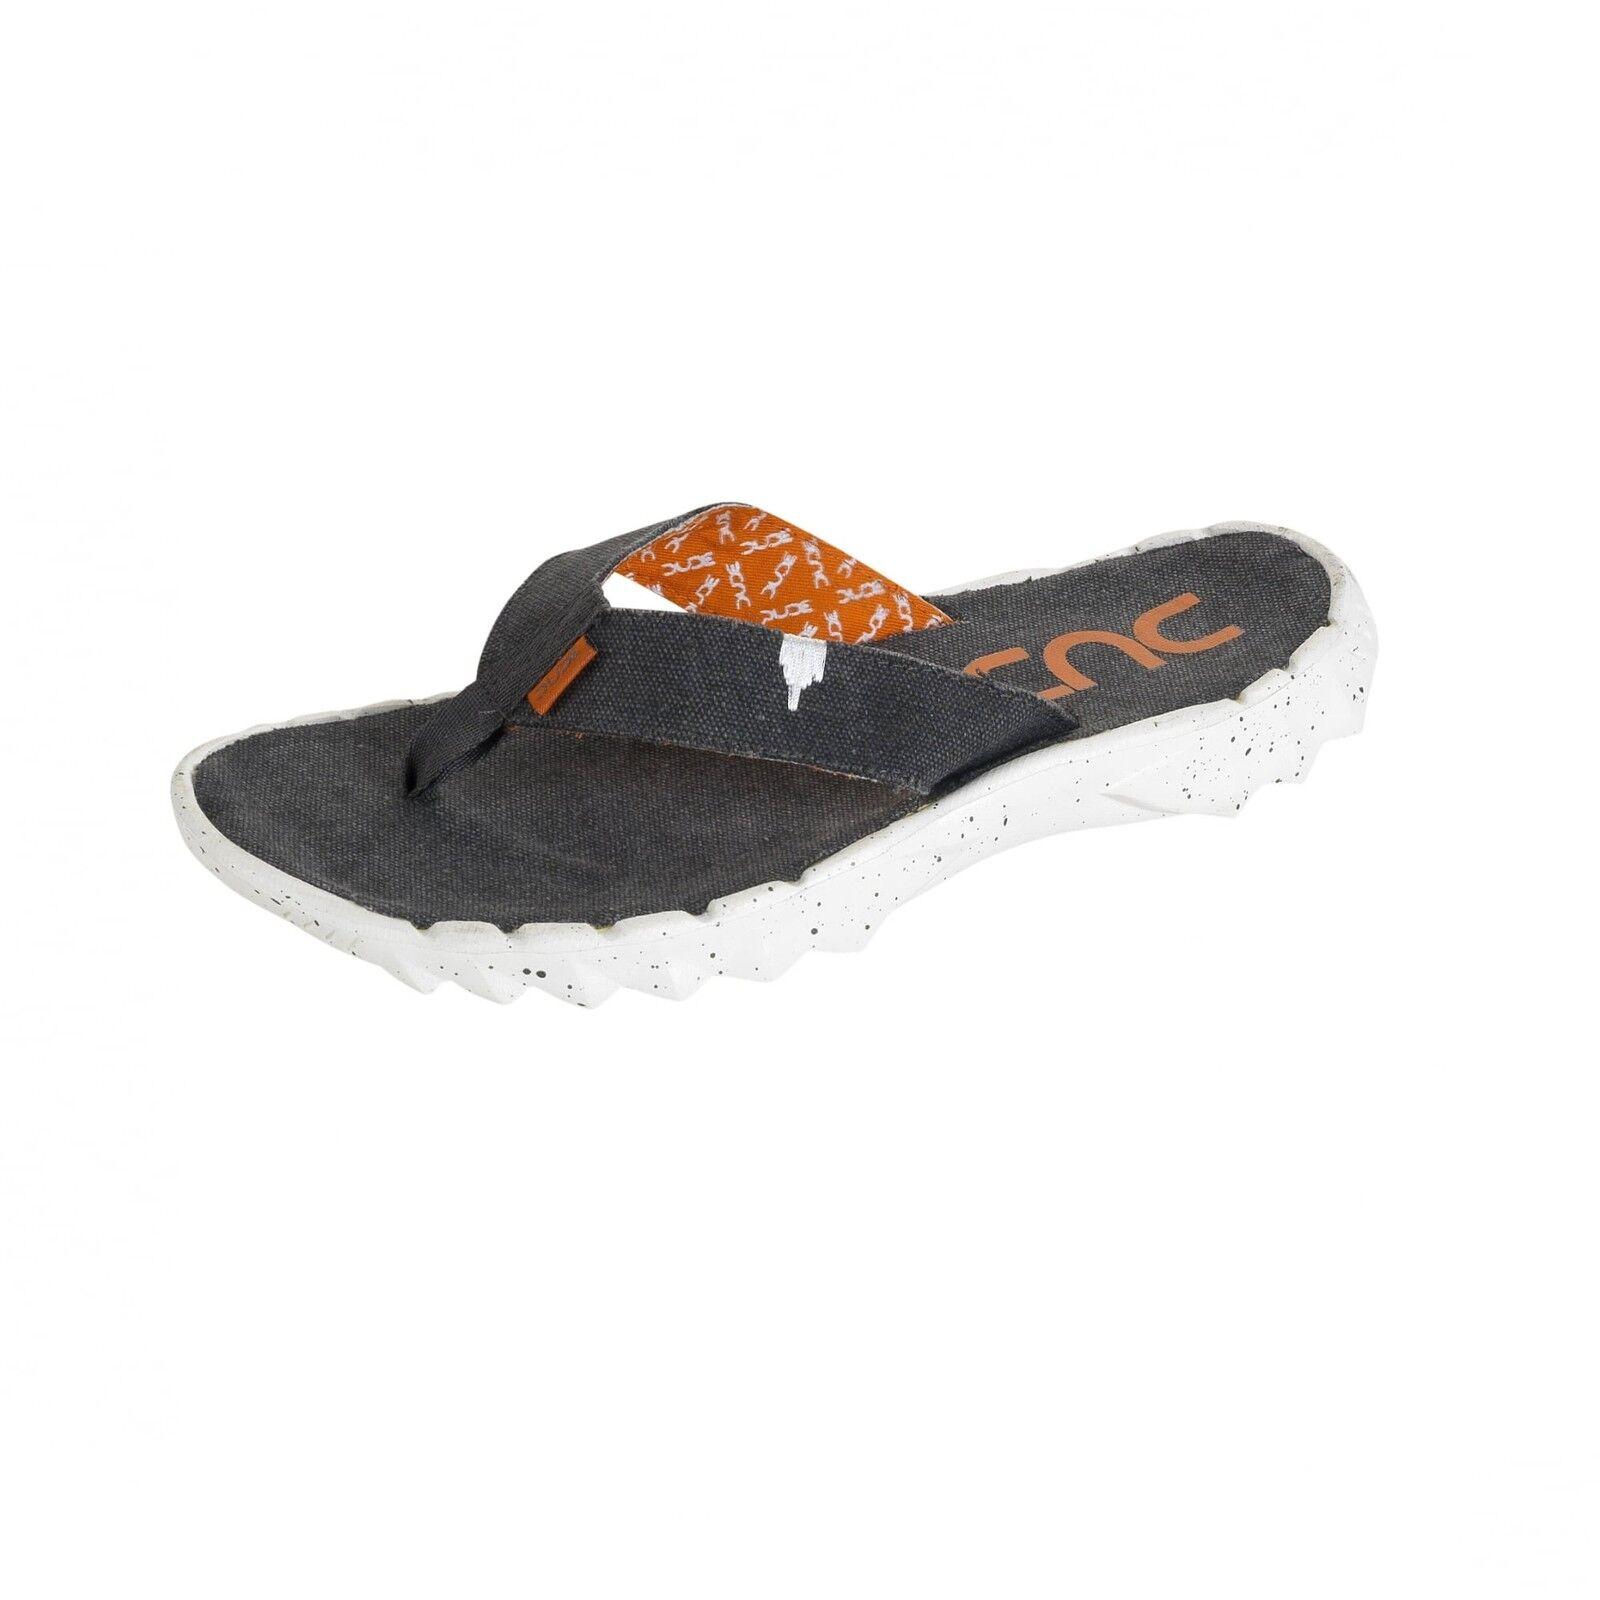 Hey Dude Sava Shoes Mens & Womens Sava Dude Funk Ossidiana Canvas Flip Flop d7e63d